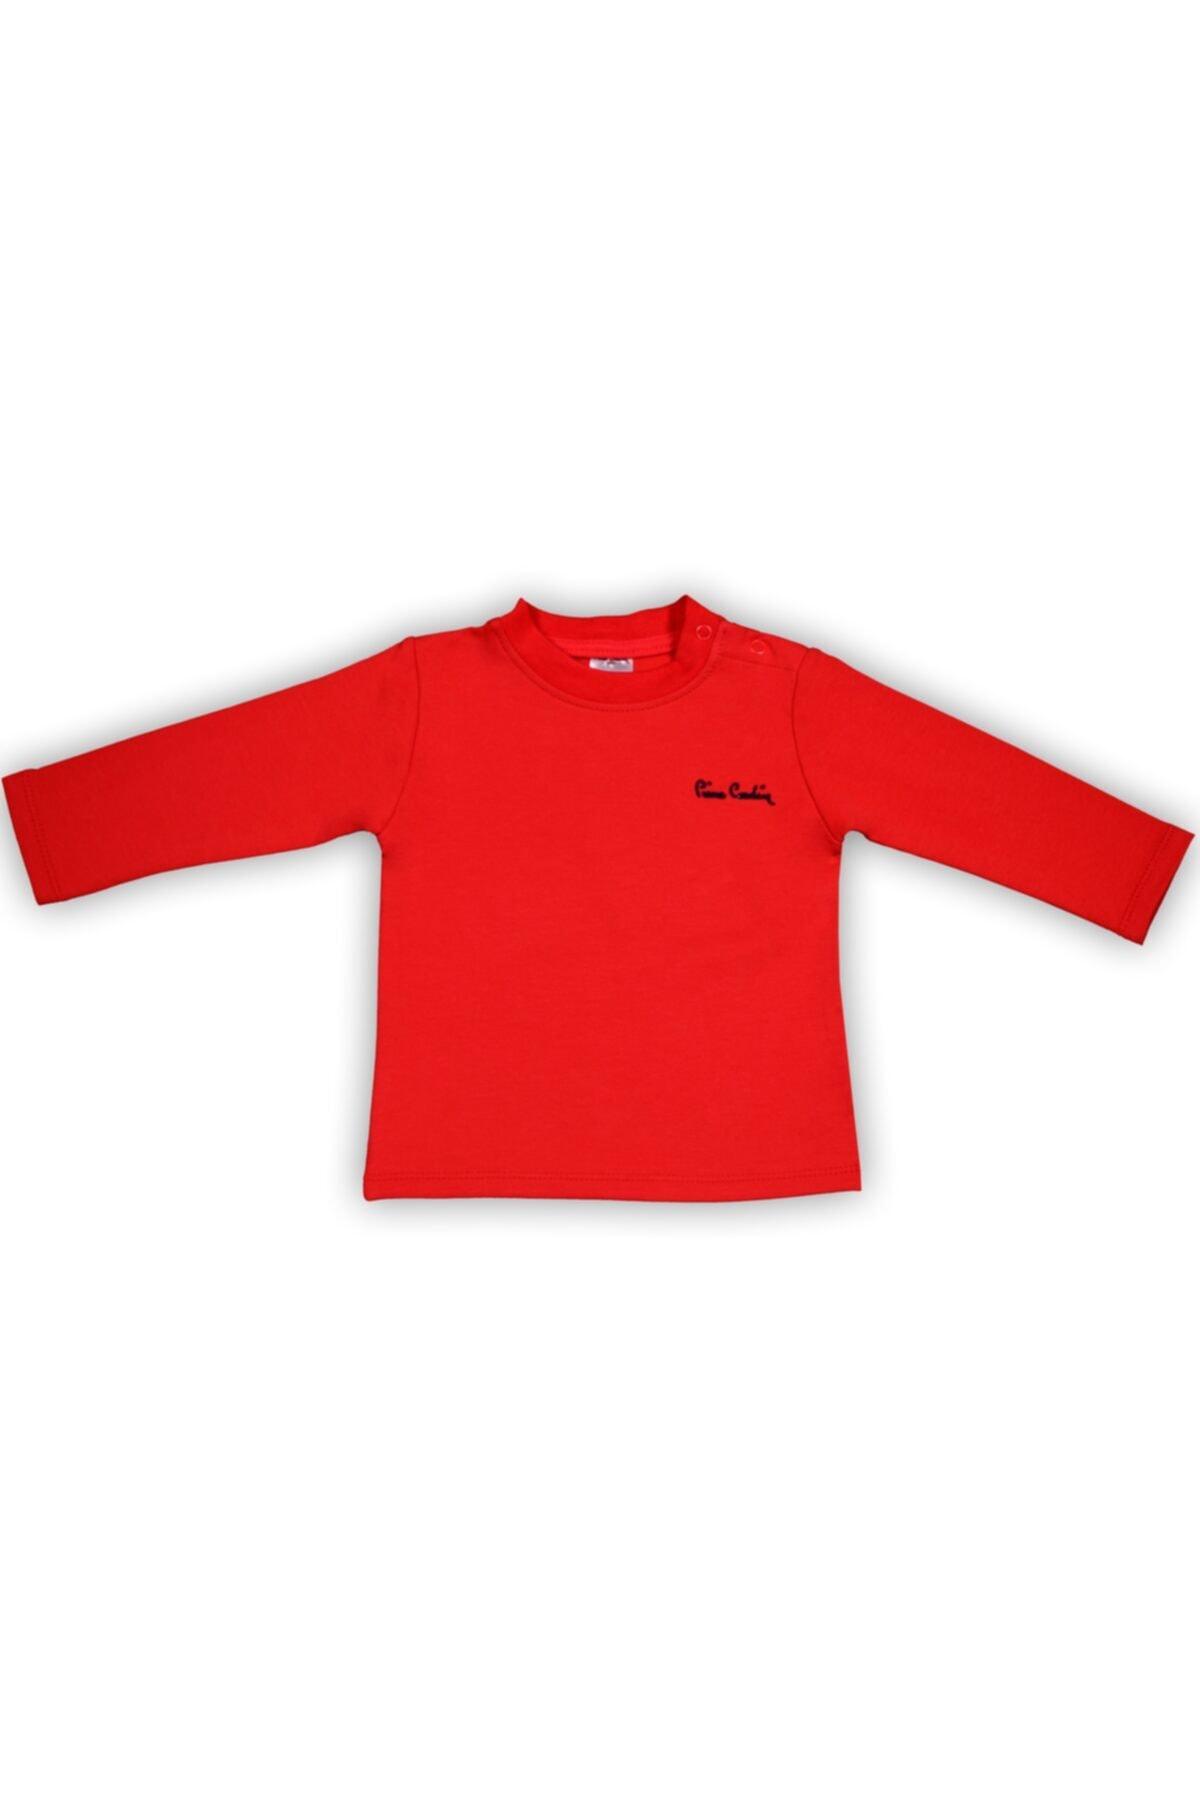 Pierre Cardin Kırmızı Iki Iplik T-shirt 1